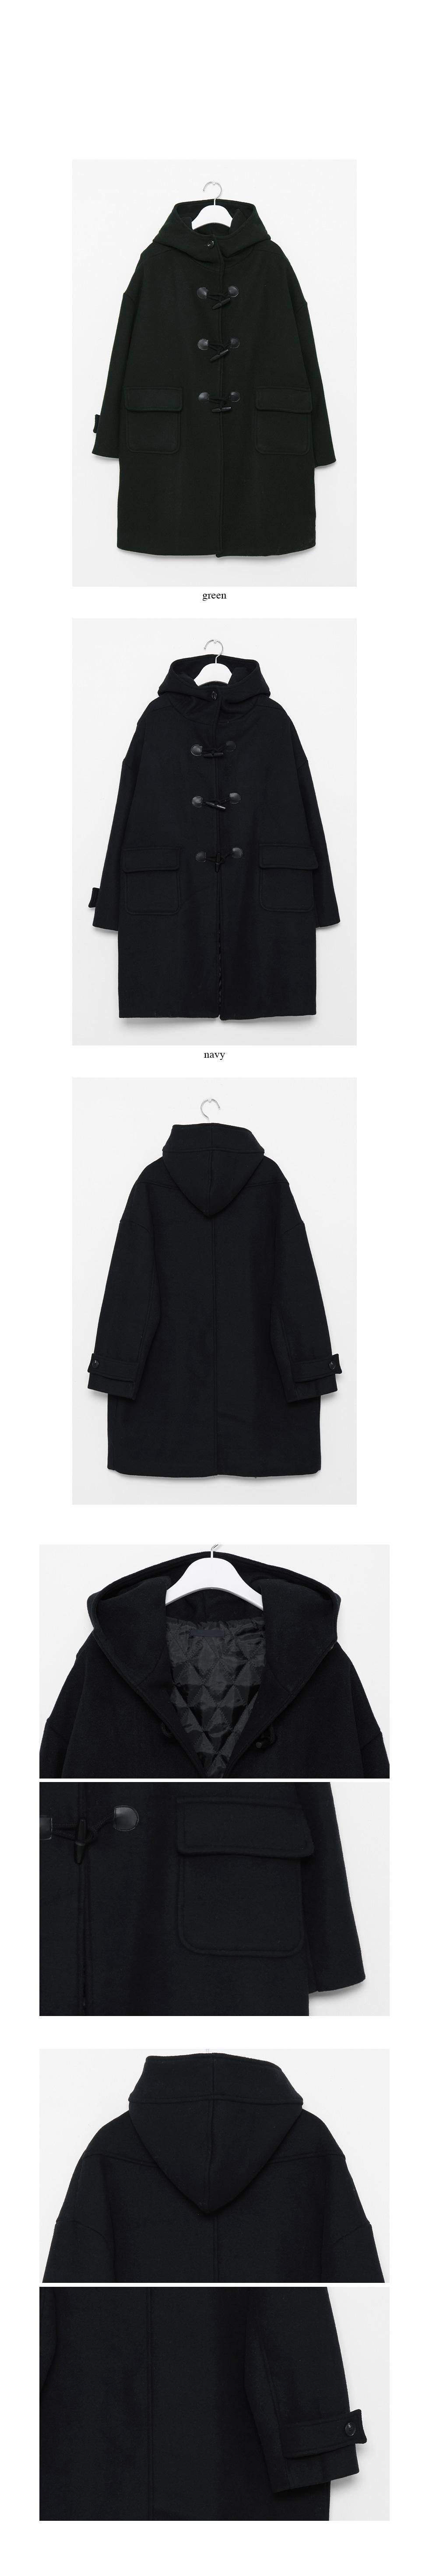 retro duffle coat